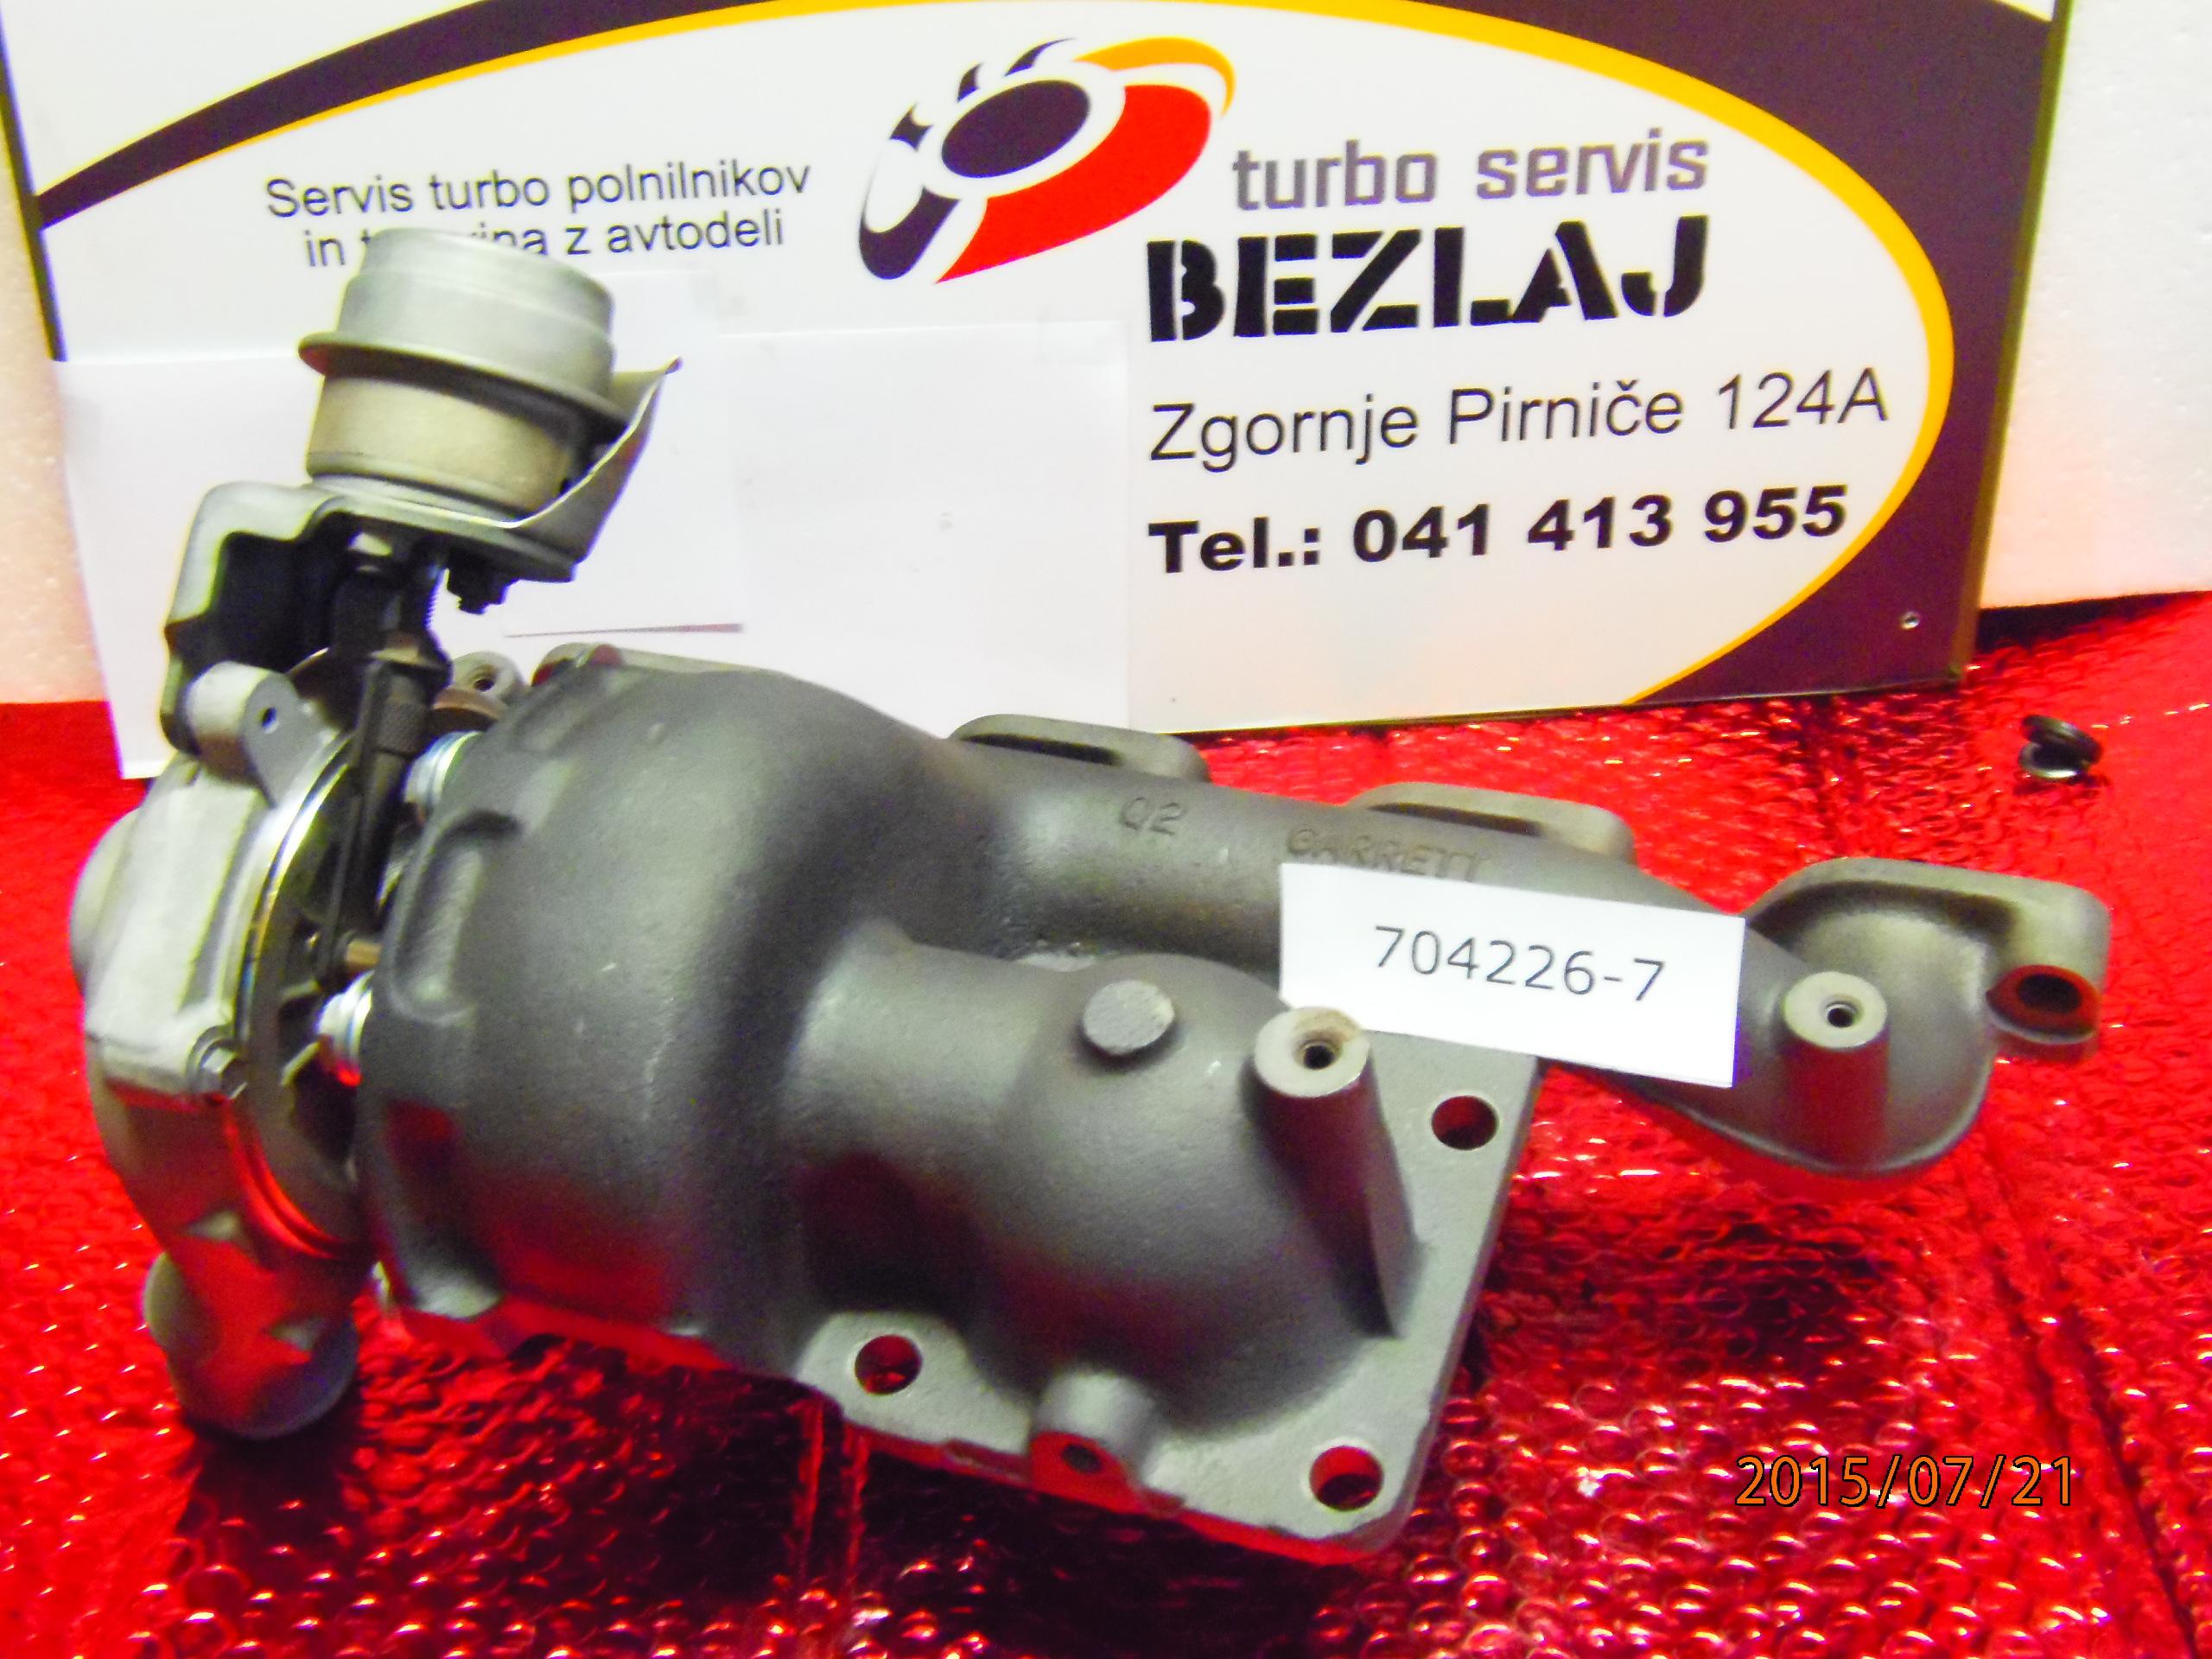 turbo704226-7 (2)